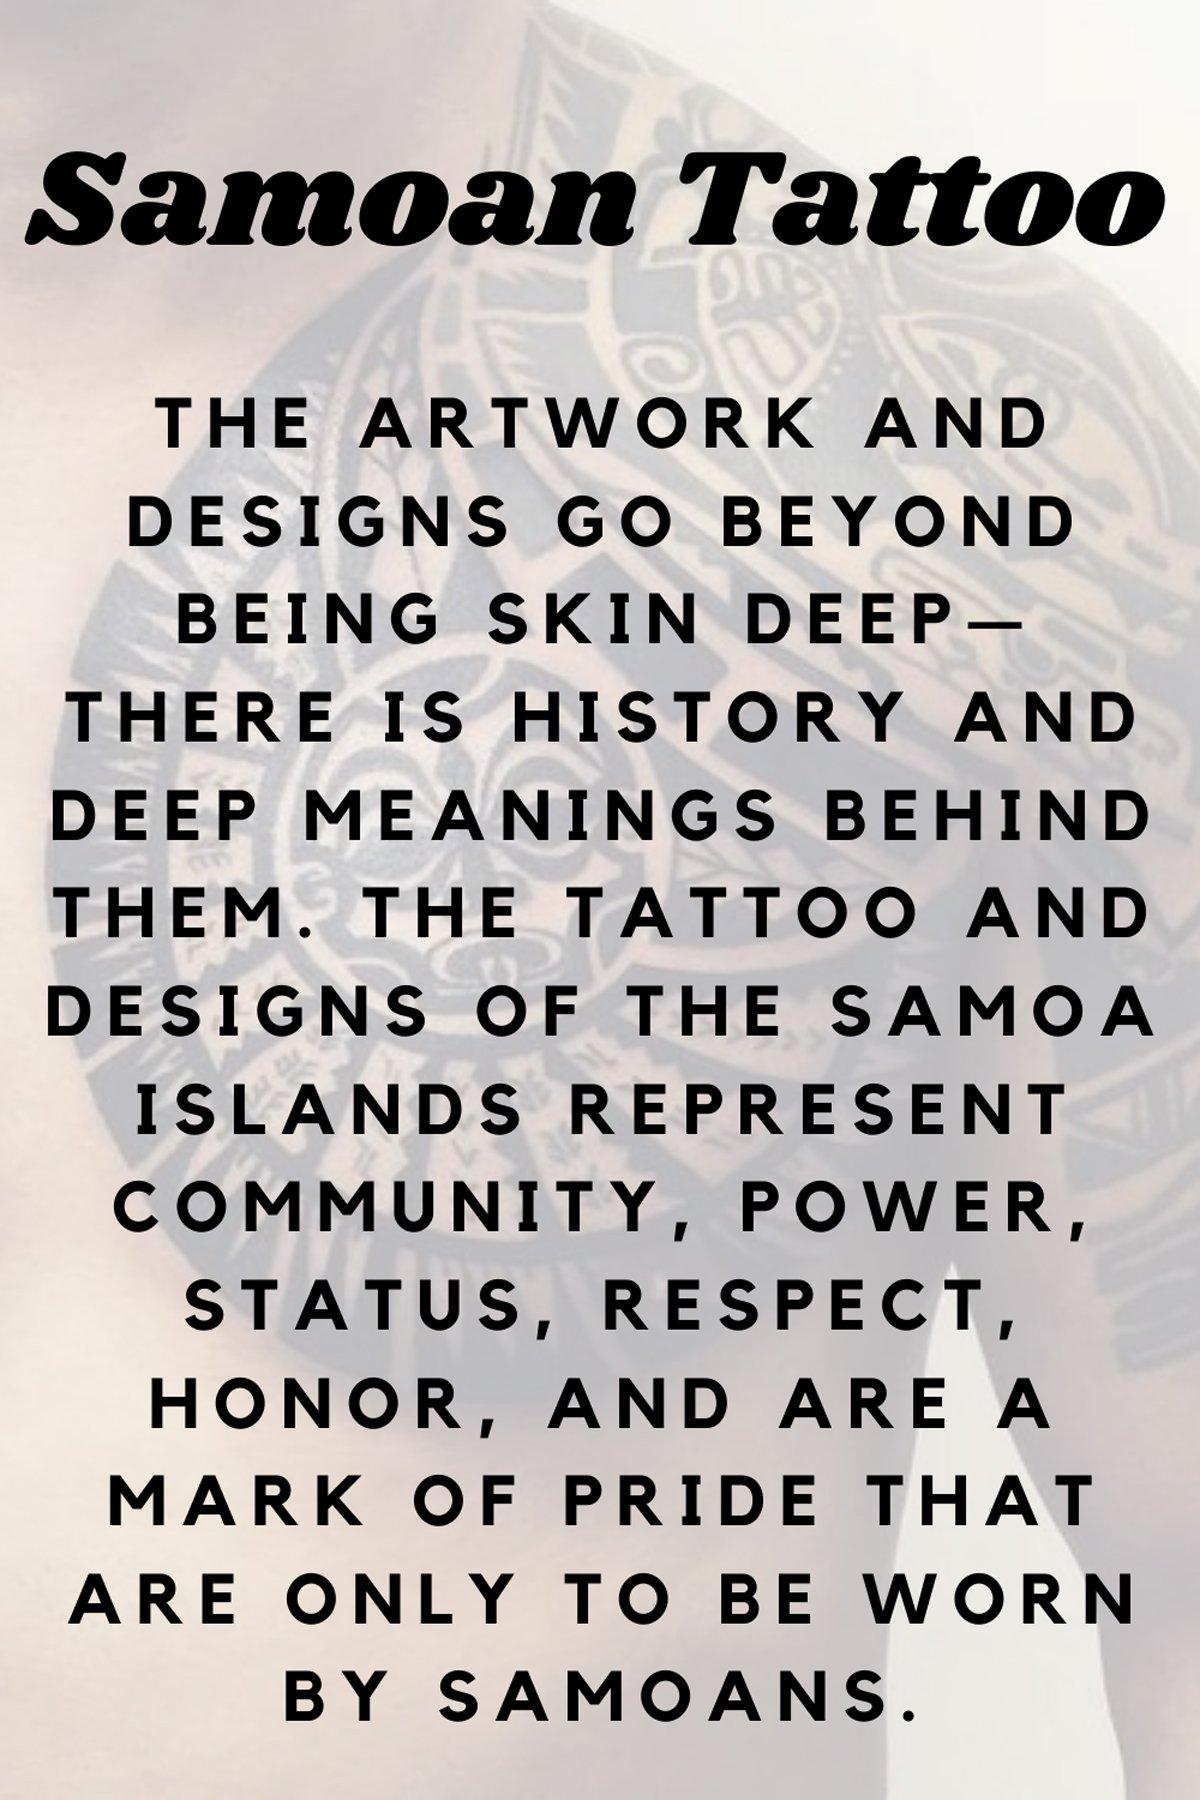 Samoan Tattoo Definition